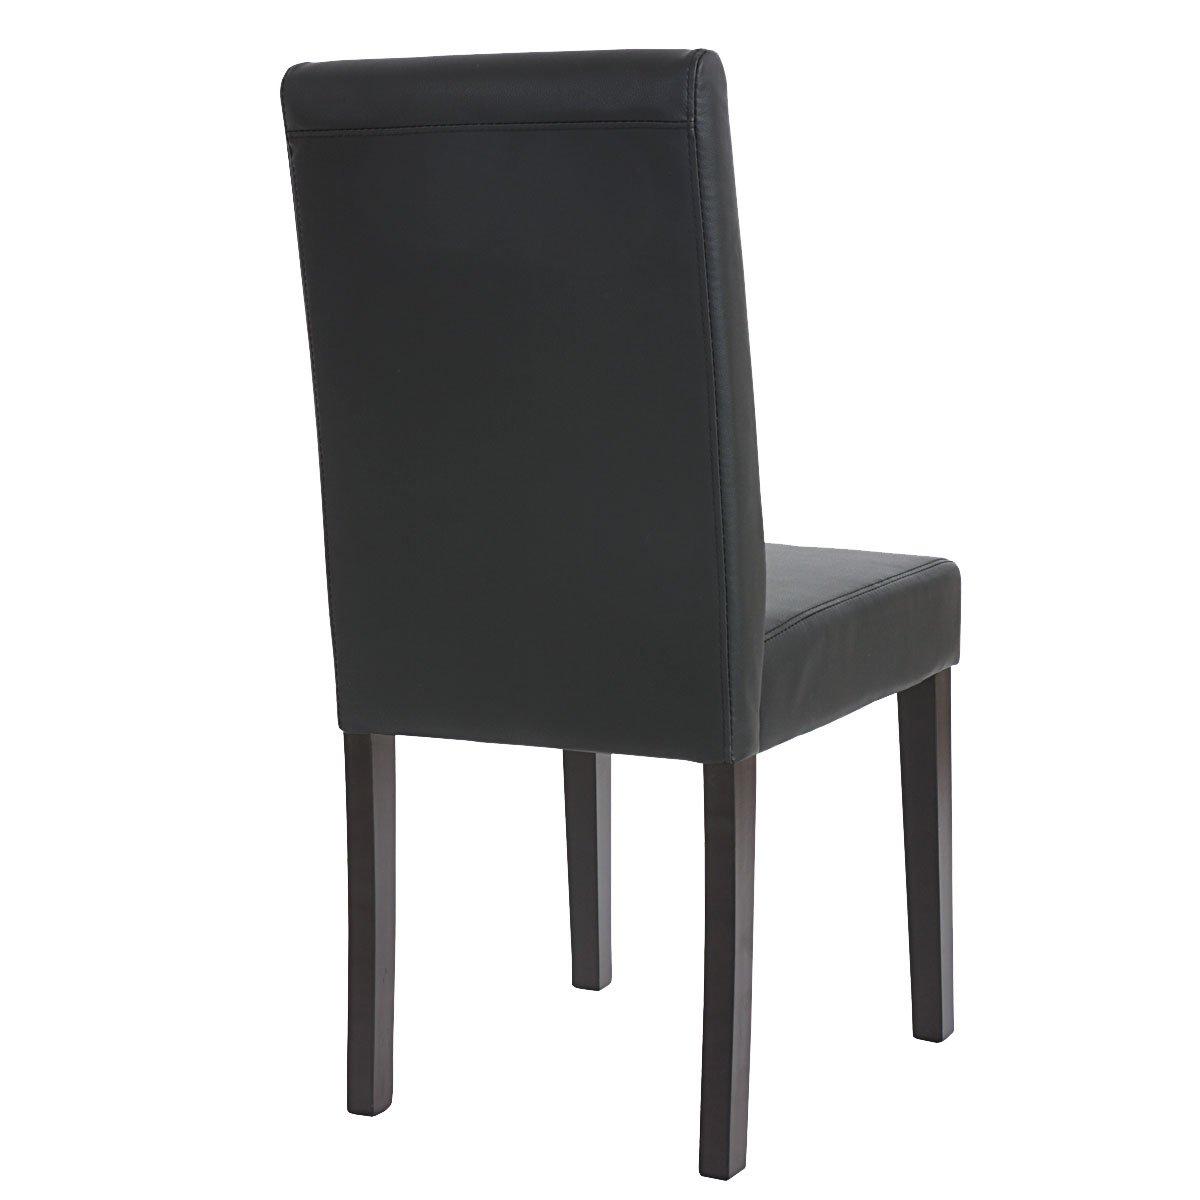 Lote 4 sillas de comedor litau piel mate negra lote 4 for Sillas en piel para comedor